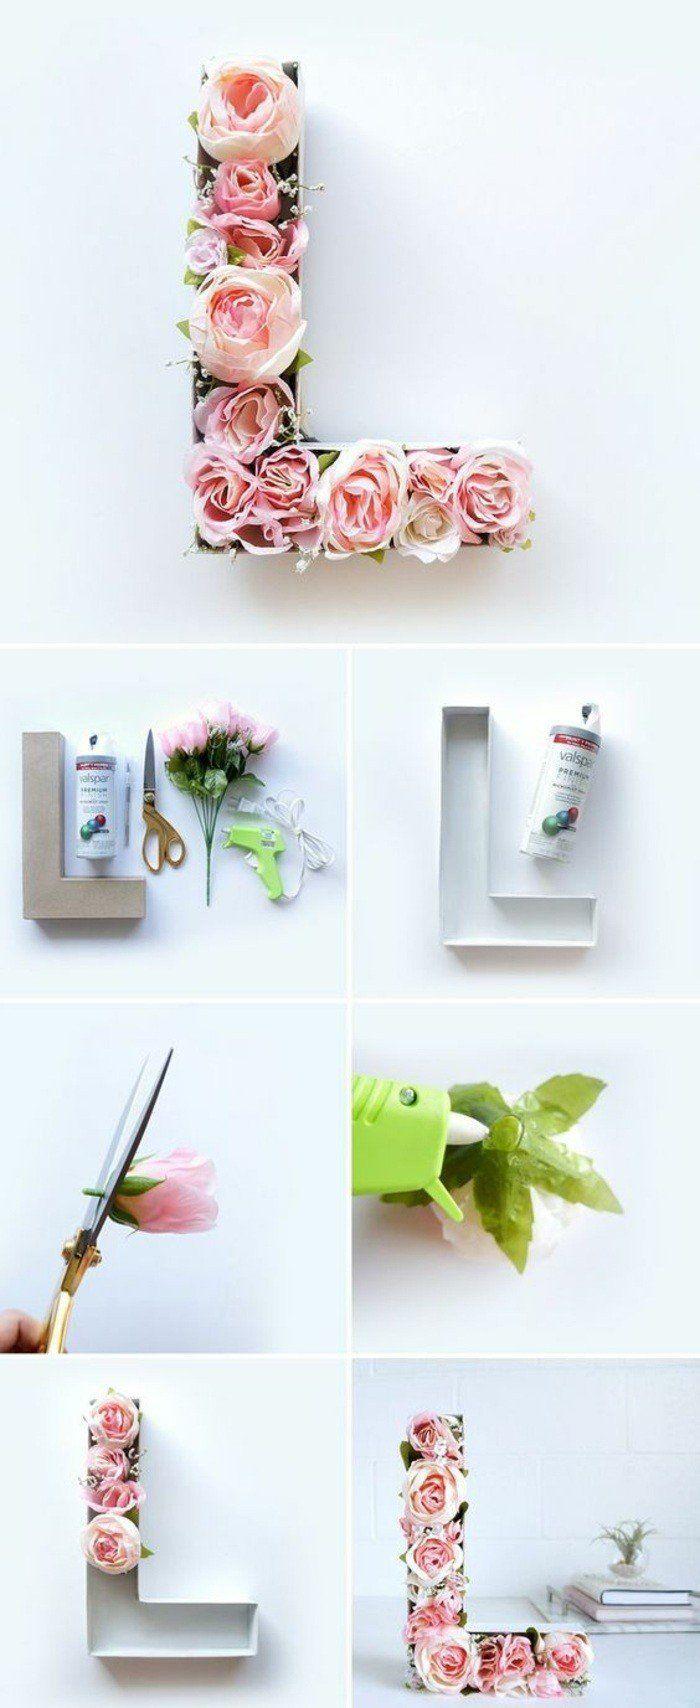 wanddeko selber machen fruhlingsdeko basteln buchstabe mit rosen ...